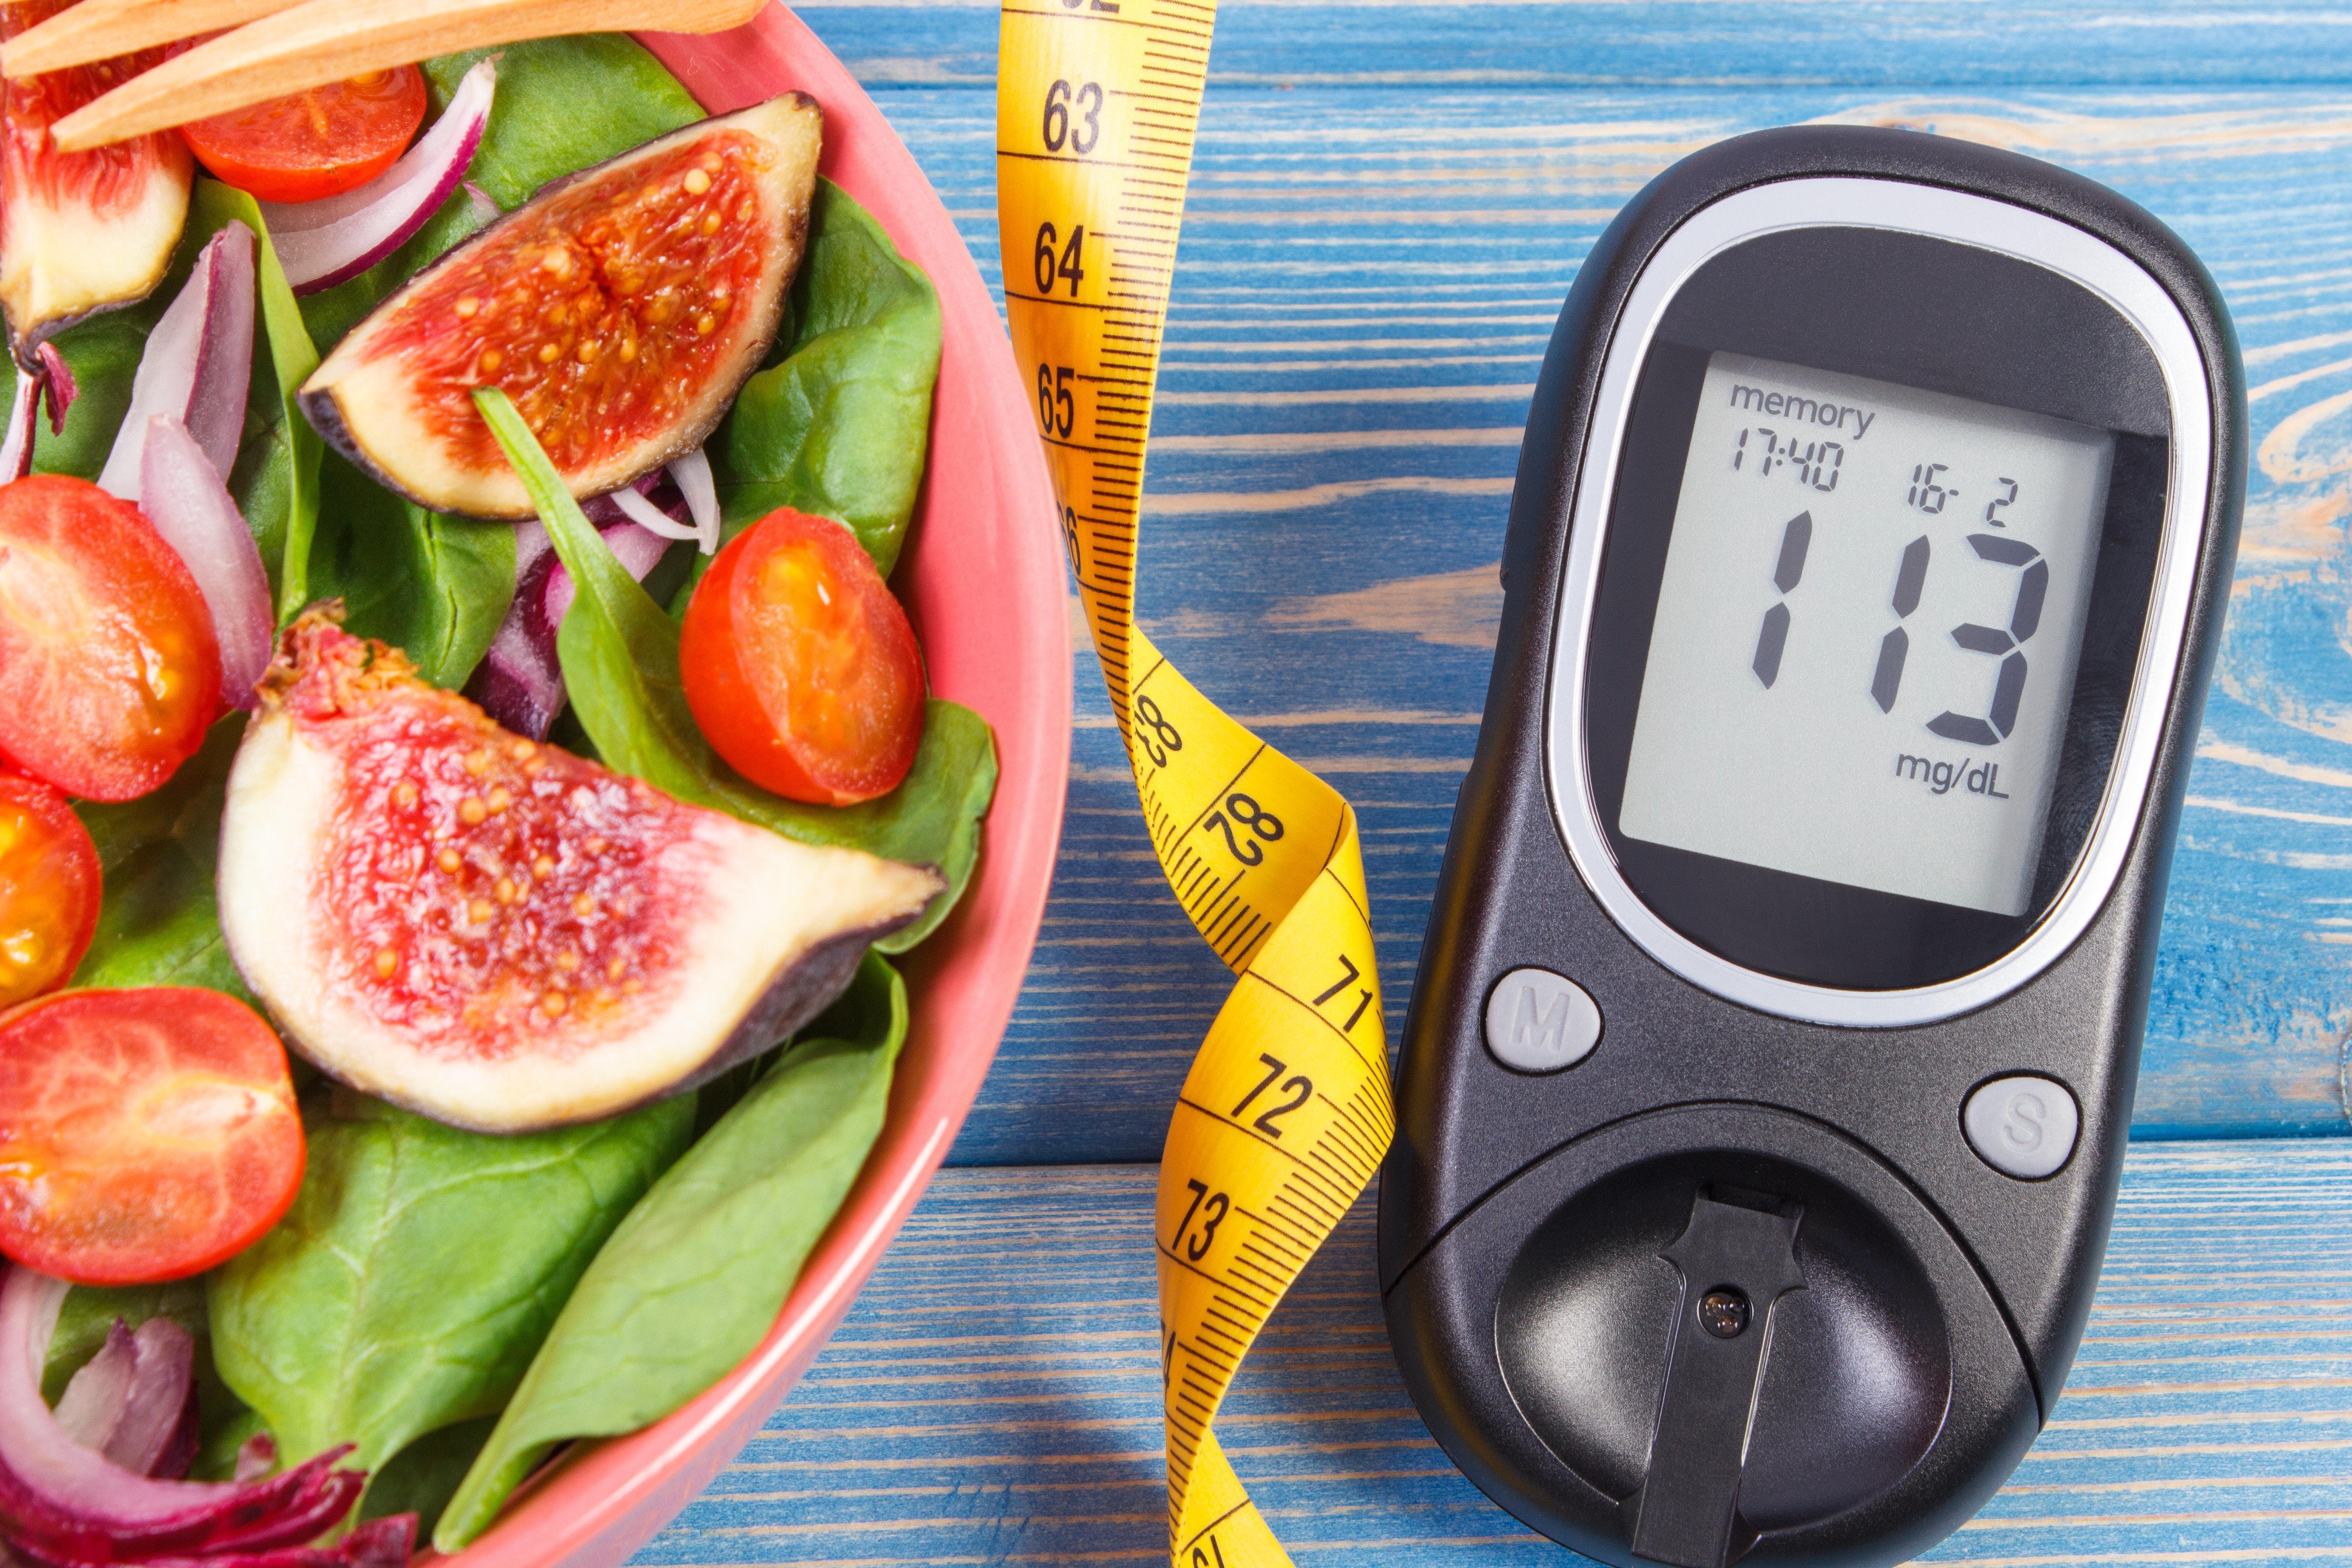 Νέα κατηγορία φαρμάκων για τους διαβητικούς τύπου-2 αναμένεται να κυκλοφορήσει σε χάπι το